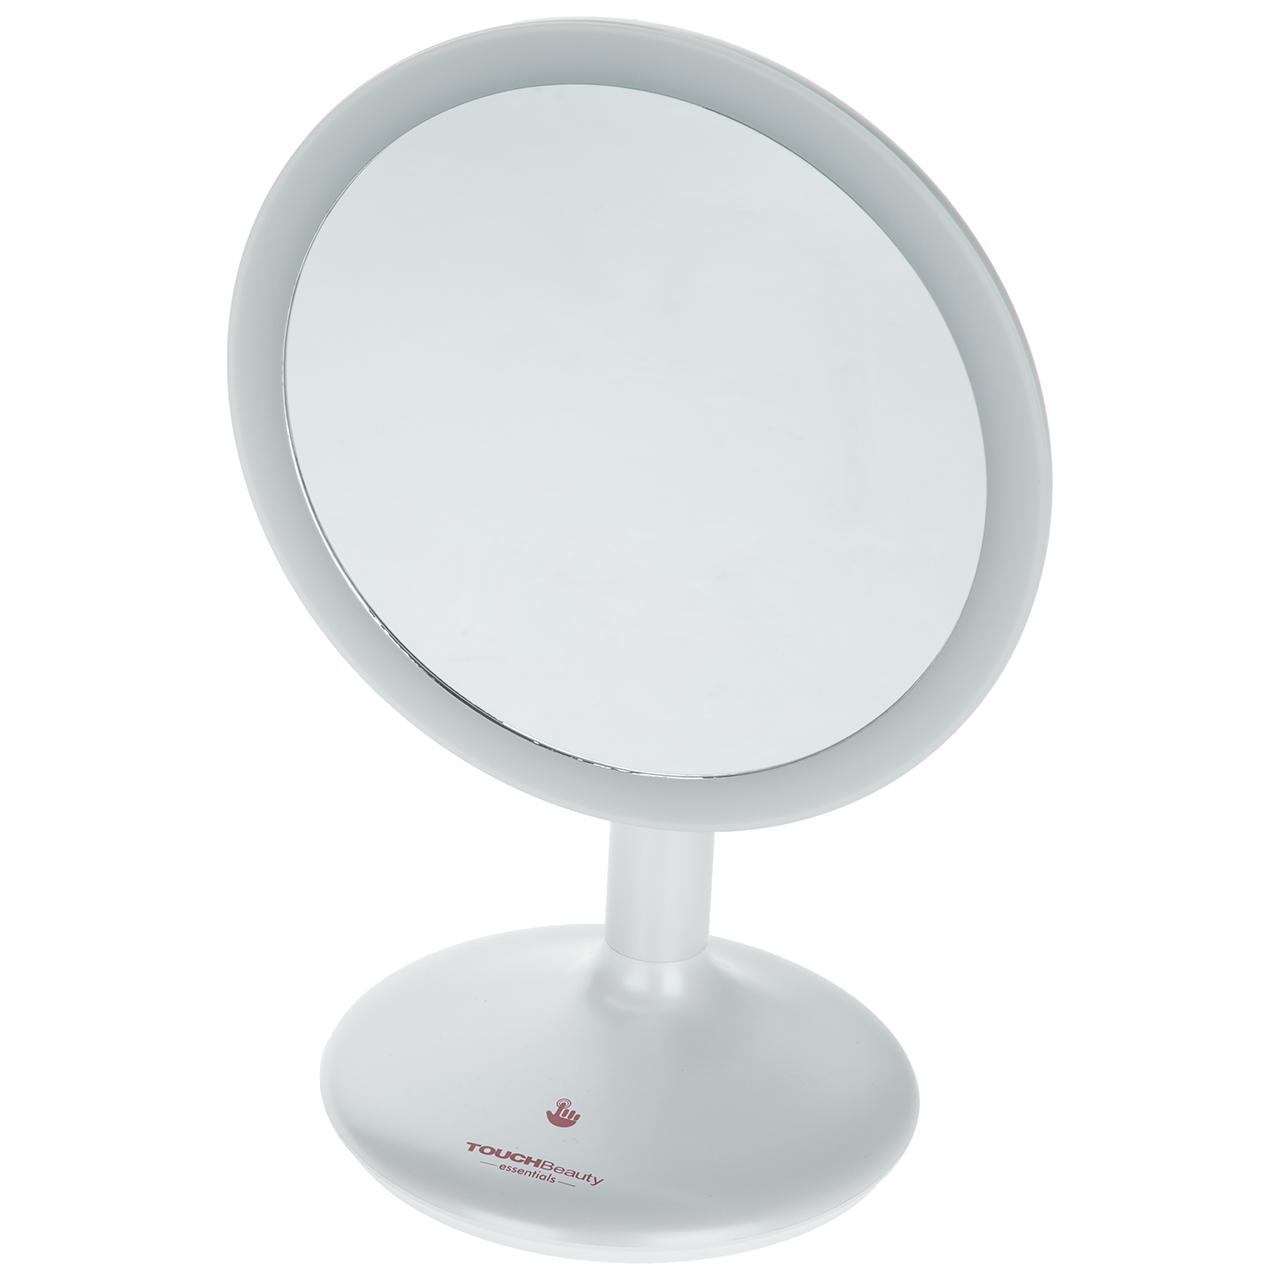 قیمت آینه آرایشی تاچ بیوتی مدل TB-1677